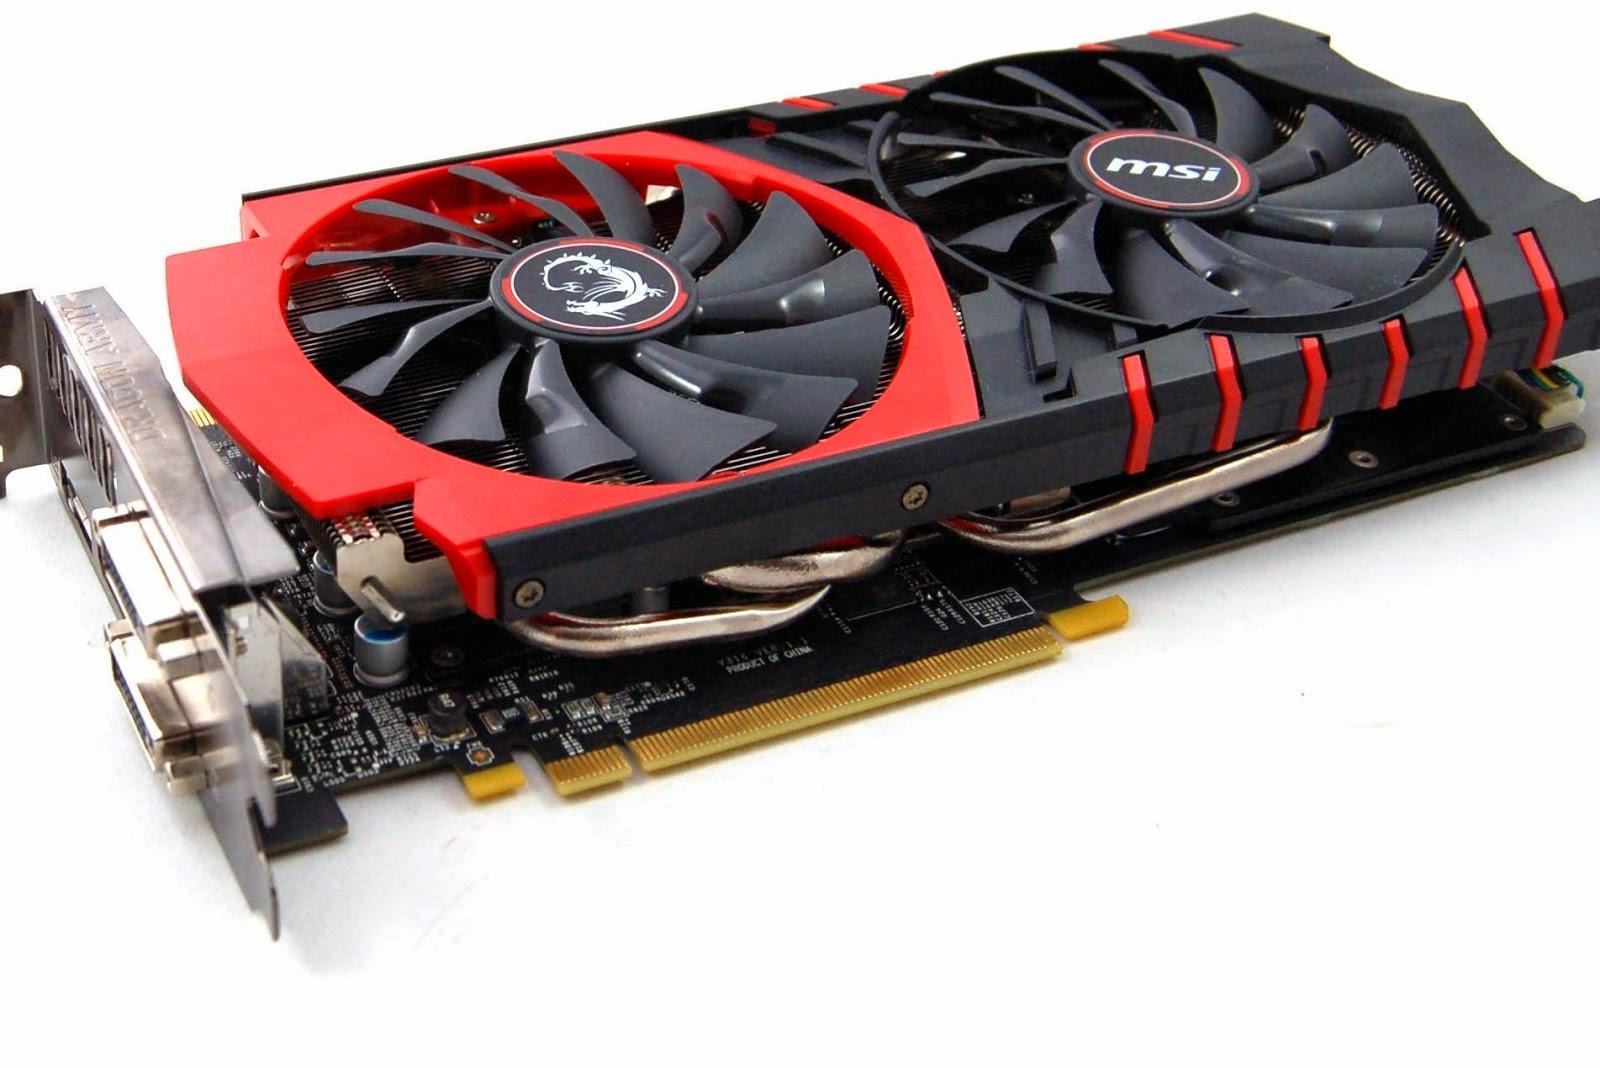 Harga terbaru VGA MSI versi gaming - GeForce GTX 970